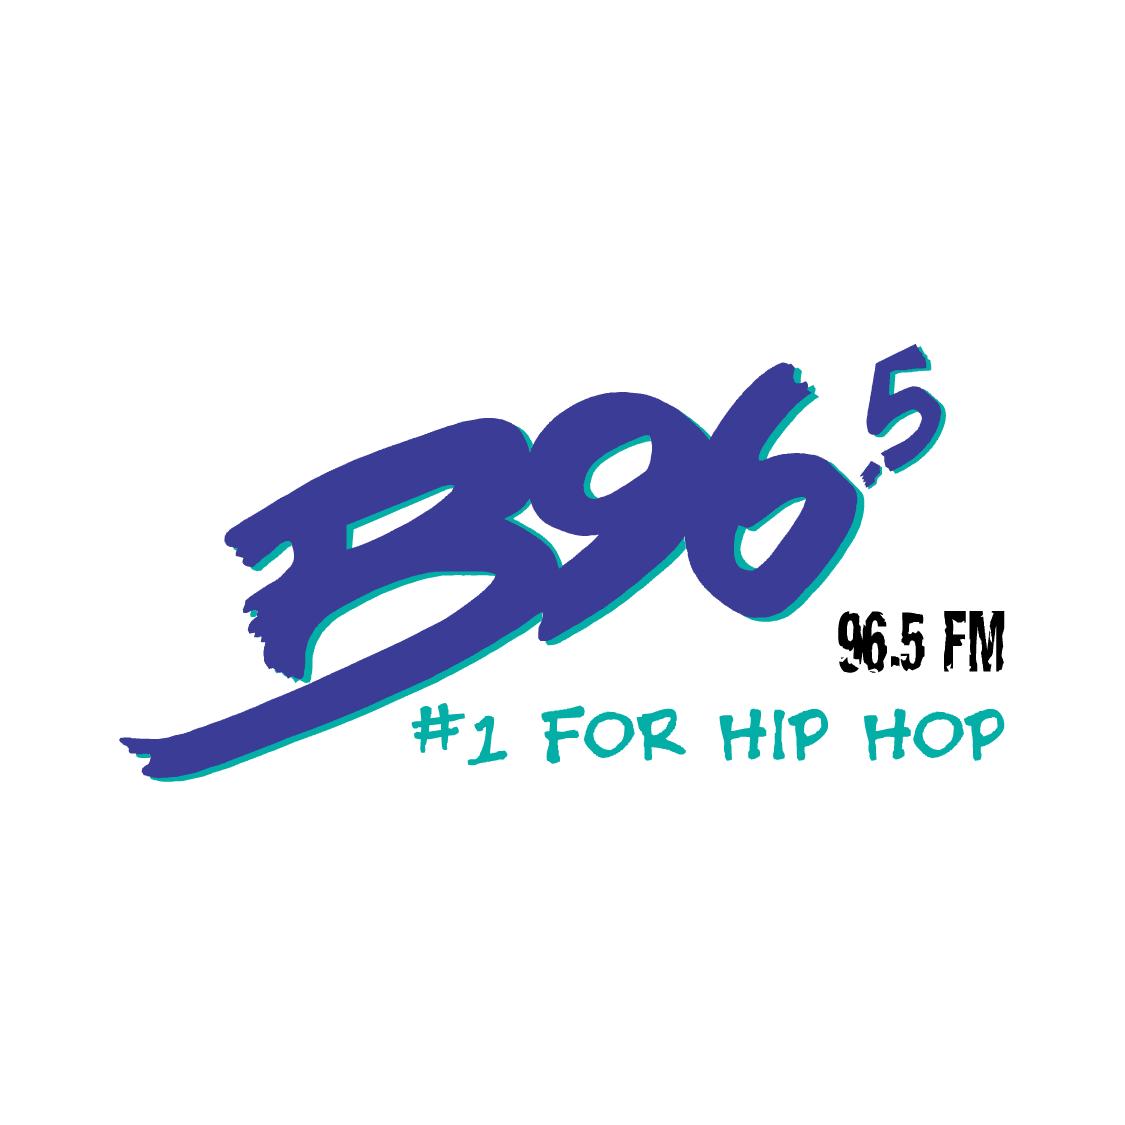 WGZB B 96.5 FM